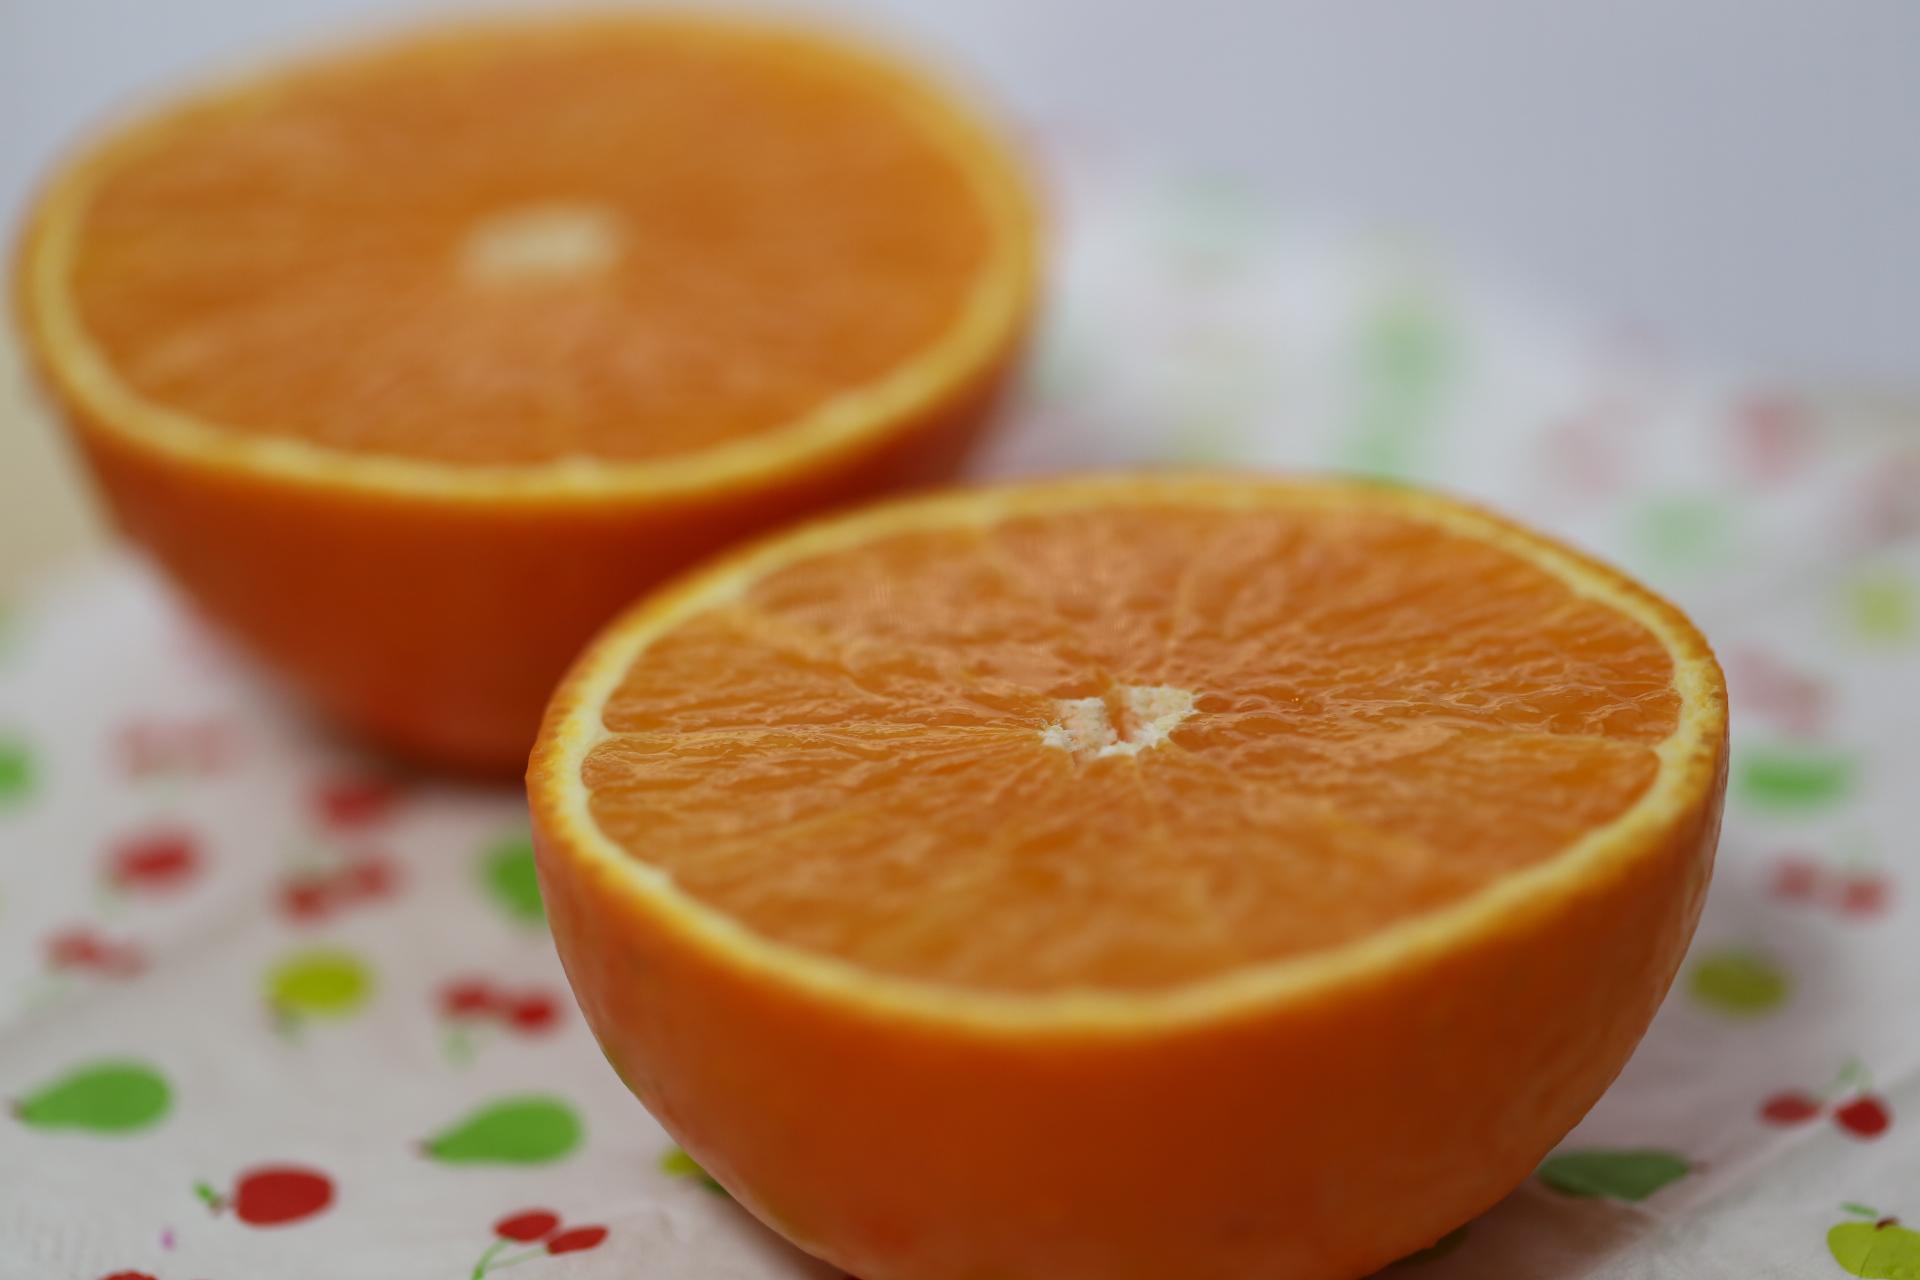 1月までの期間限定、ゼリーのような食感の柑橘。紅まどんな